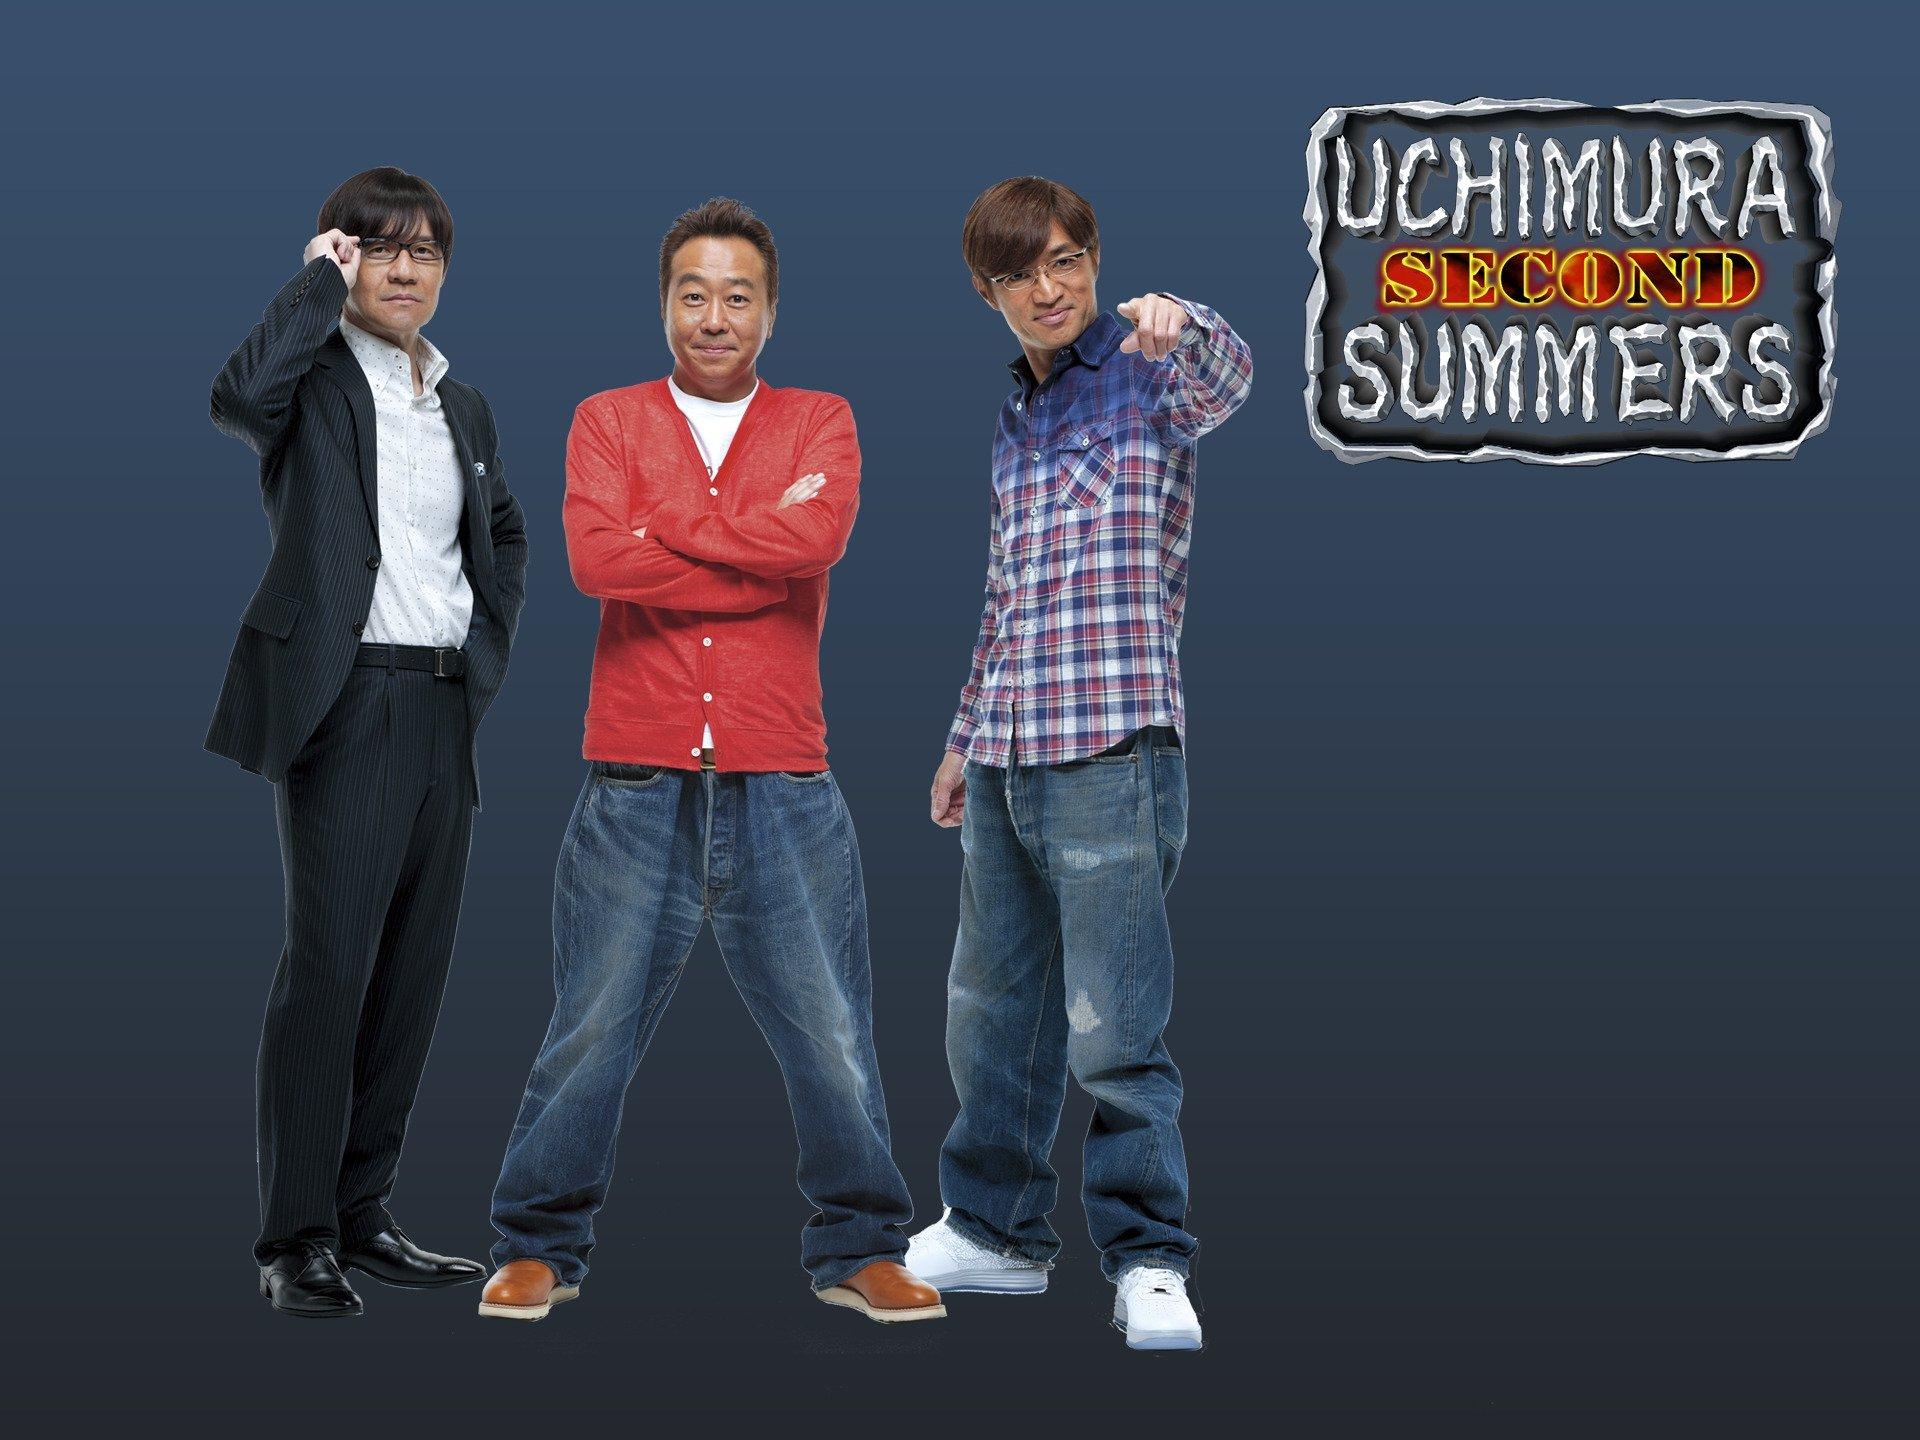 Uchimura Summers - Season 1